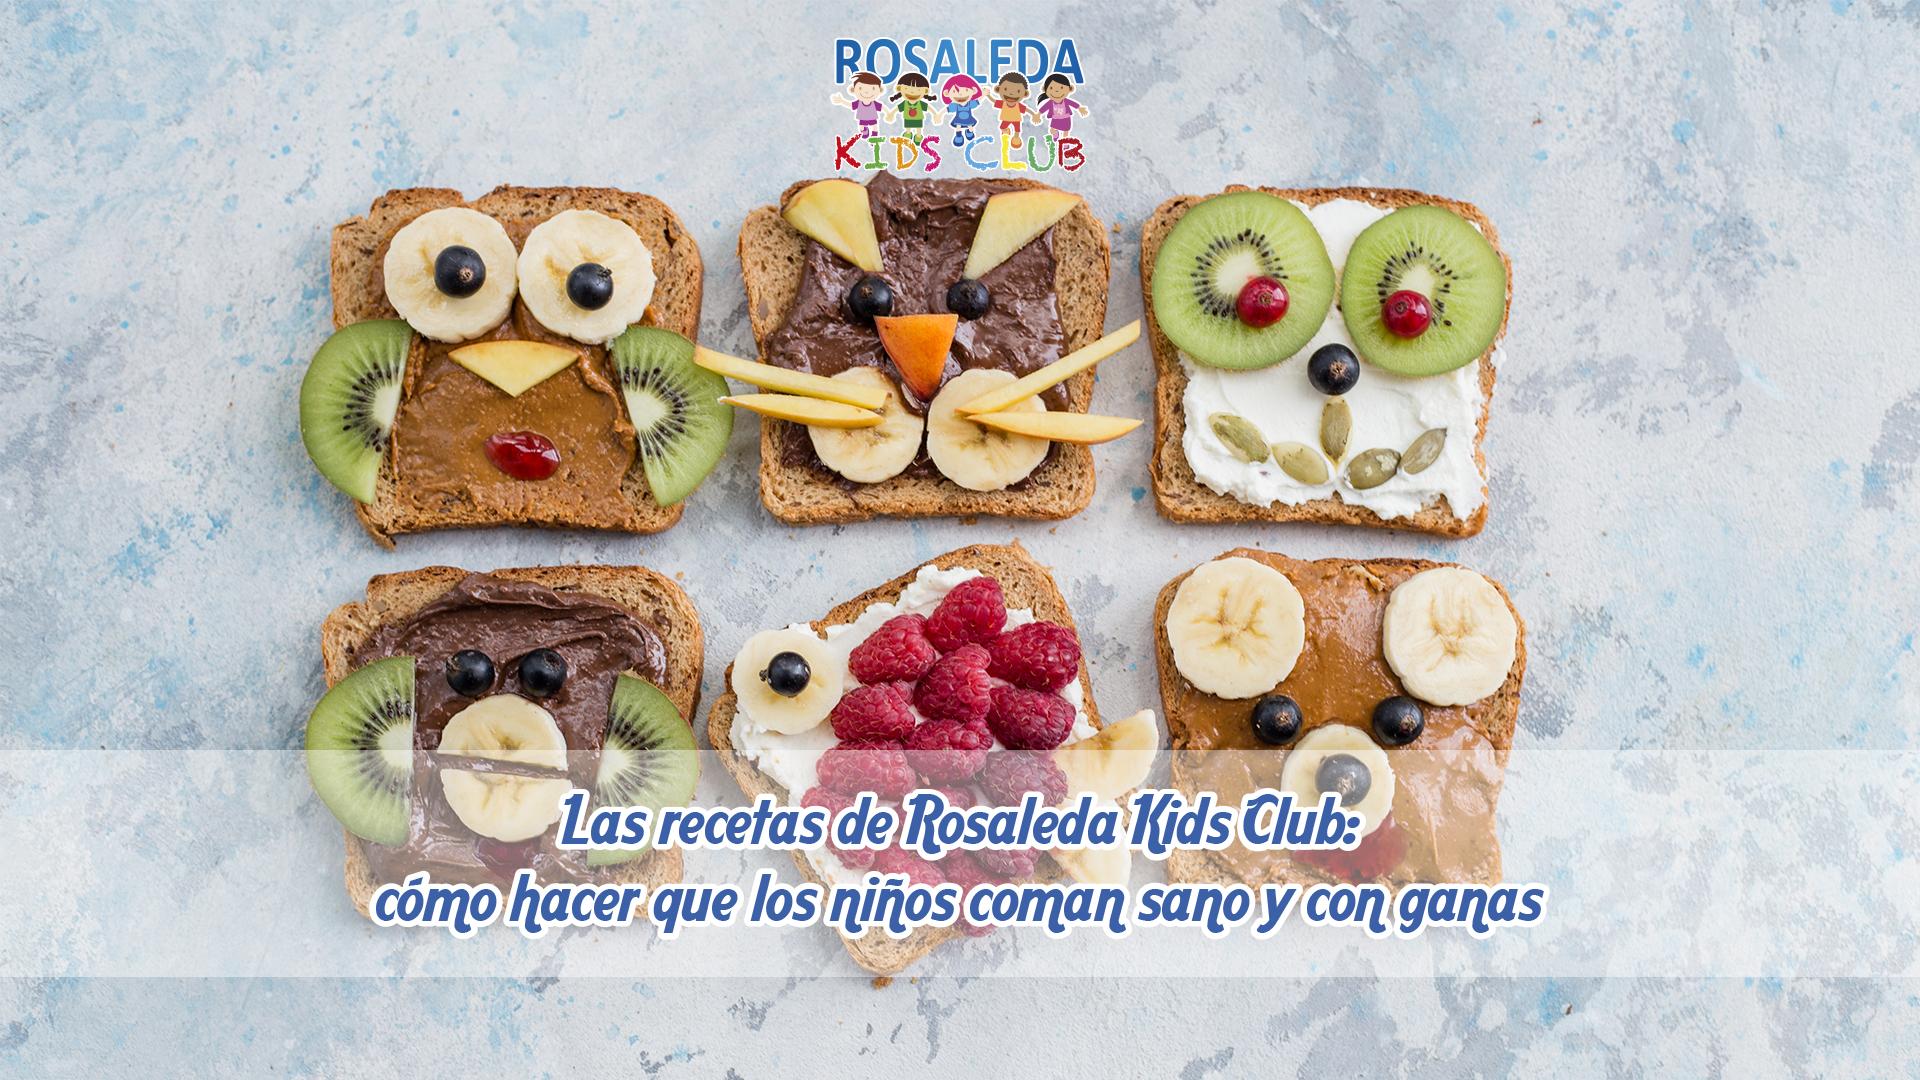 Las recetas de Rosaleda Kids Club cómo hacer que los niños coman sano y con ganas